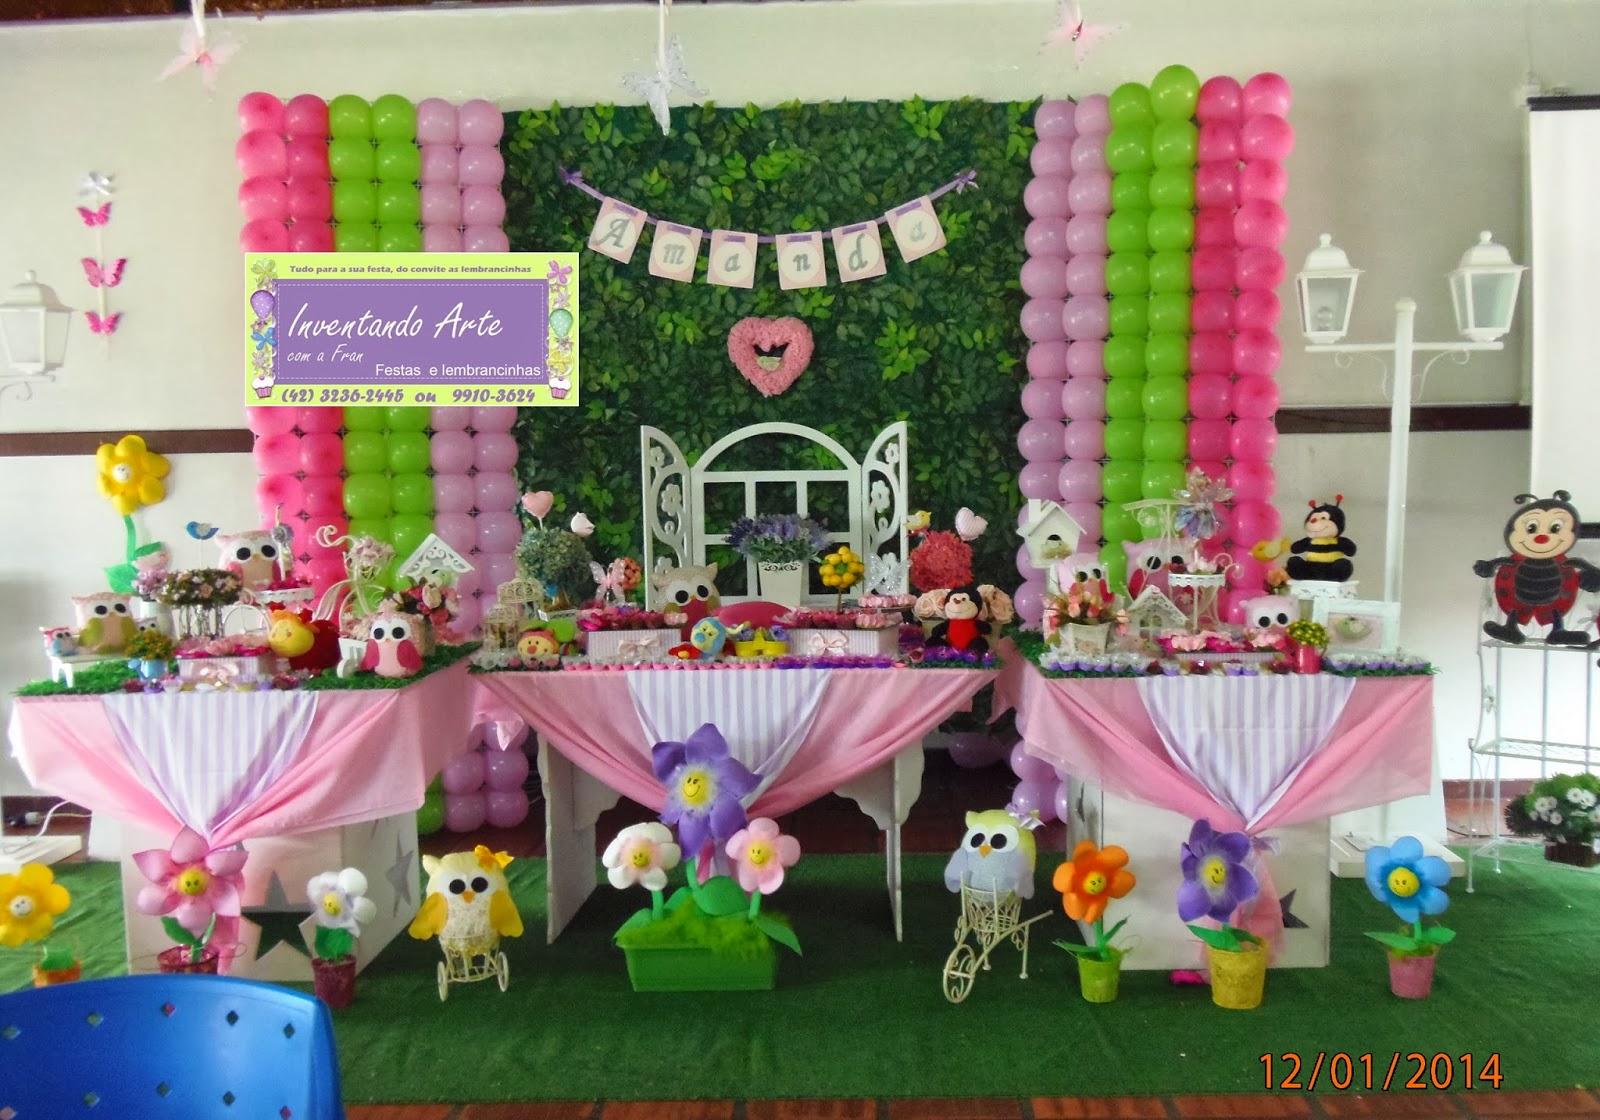 festa decoração jardim flores